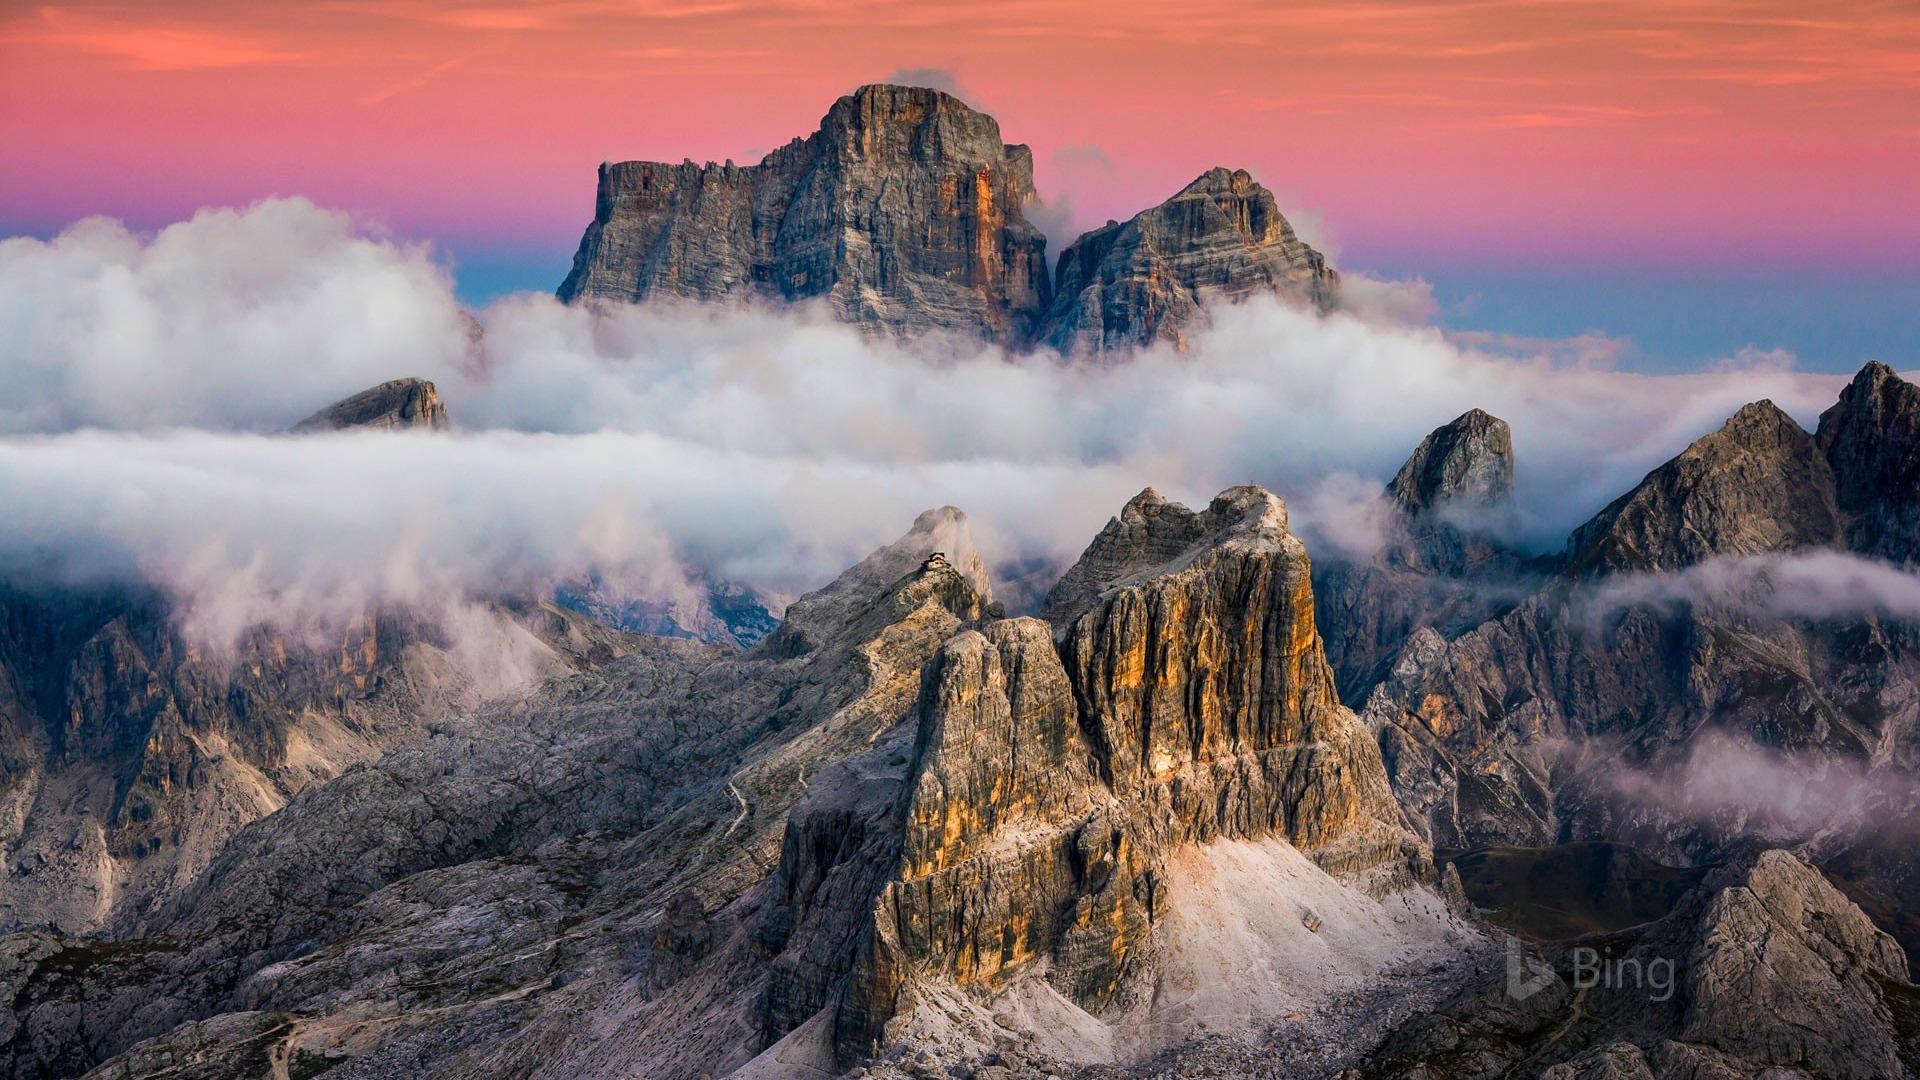 Lagazuoi Mountain Near Cortina Italy 2017 Bing Desktop